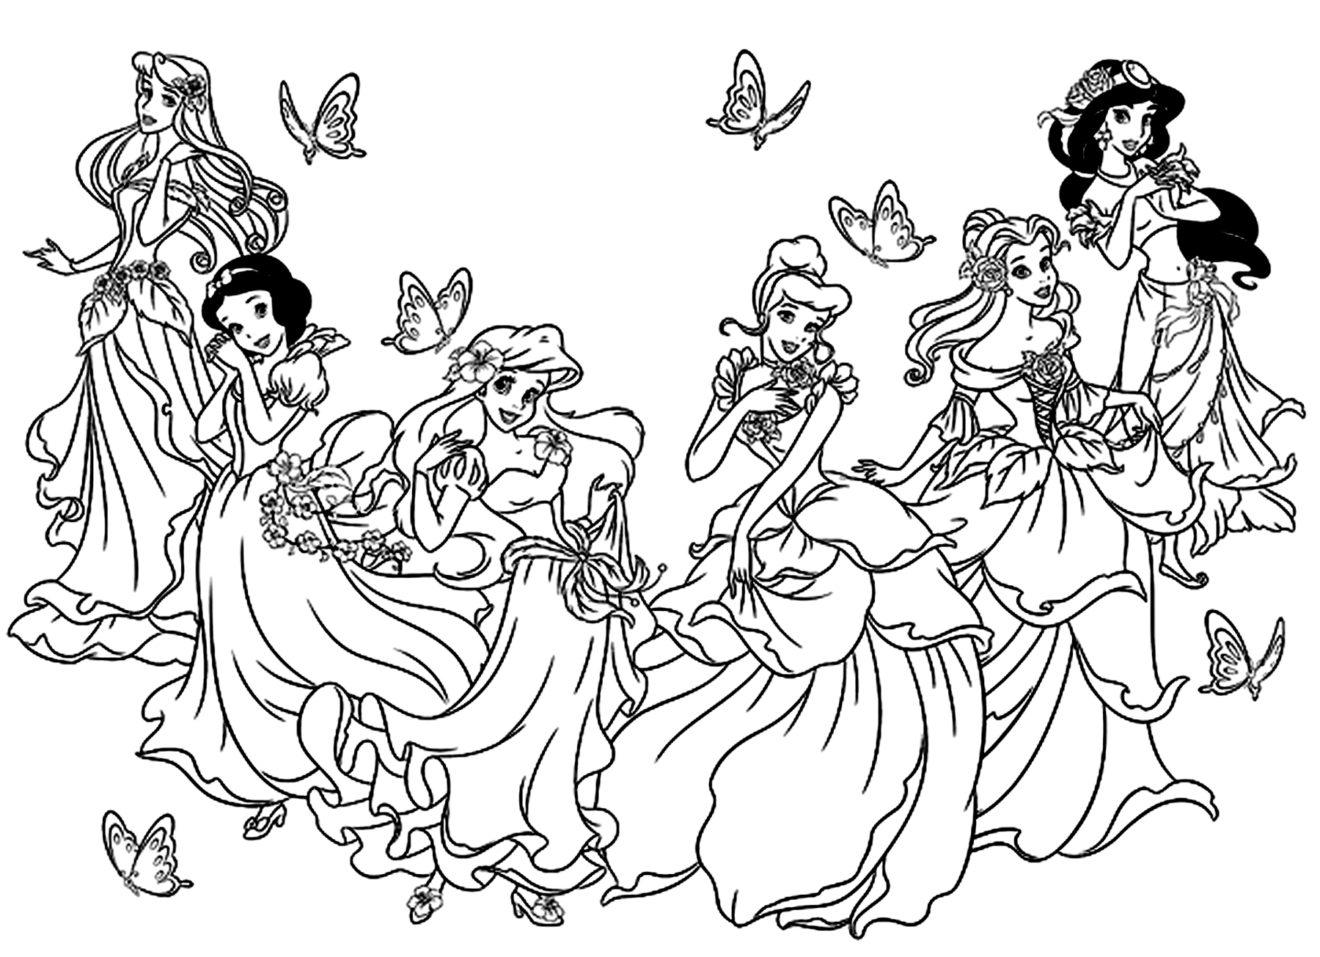 Раскраска с принцессами дисней онлайн, картинки